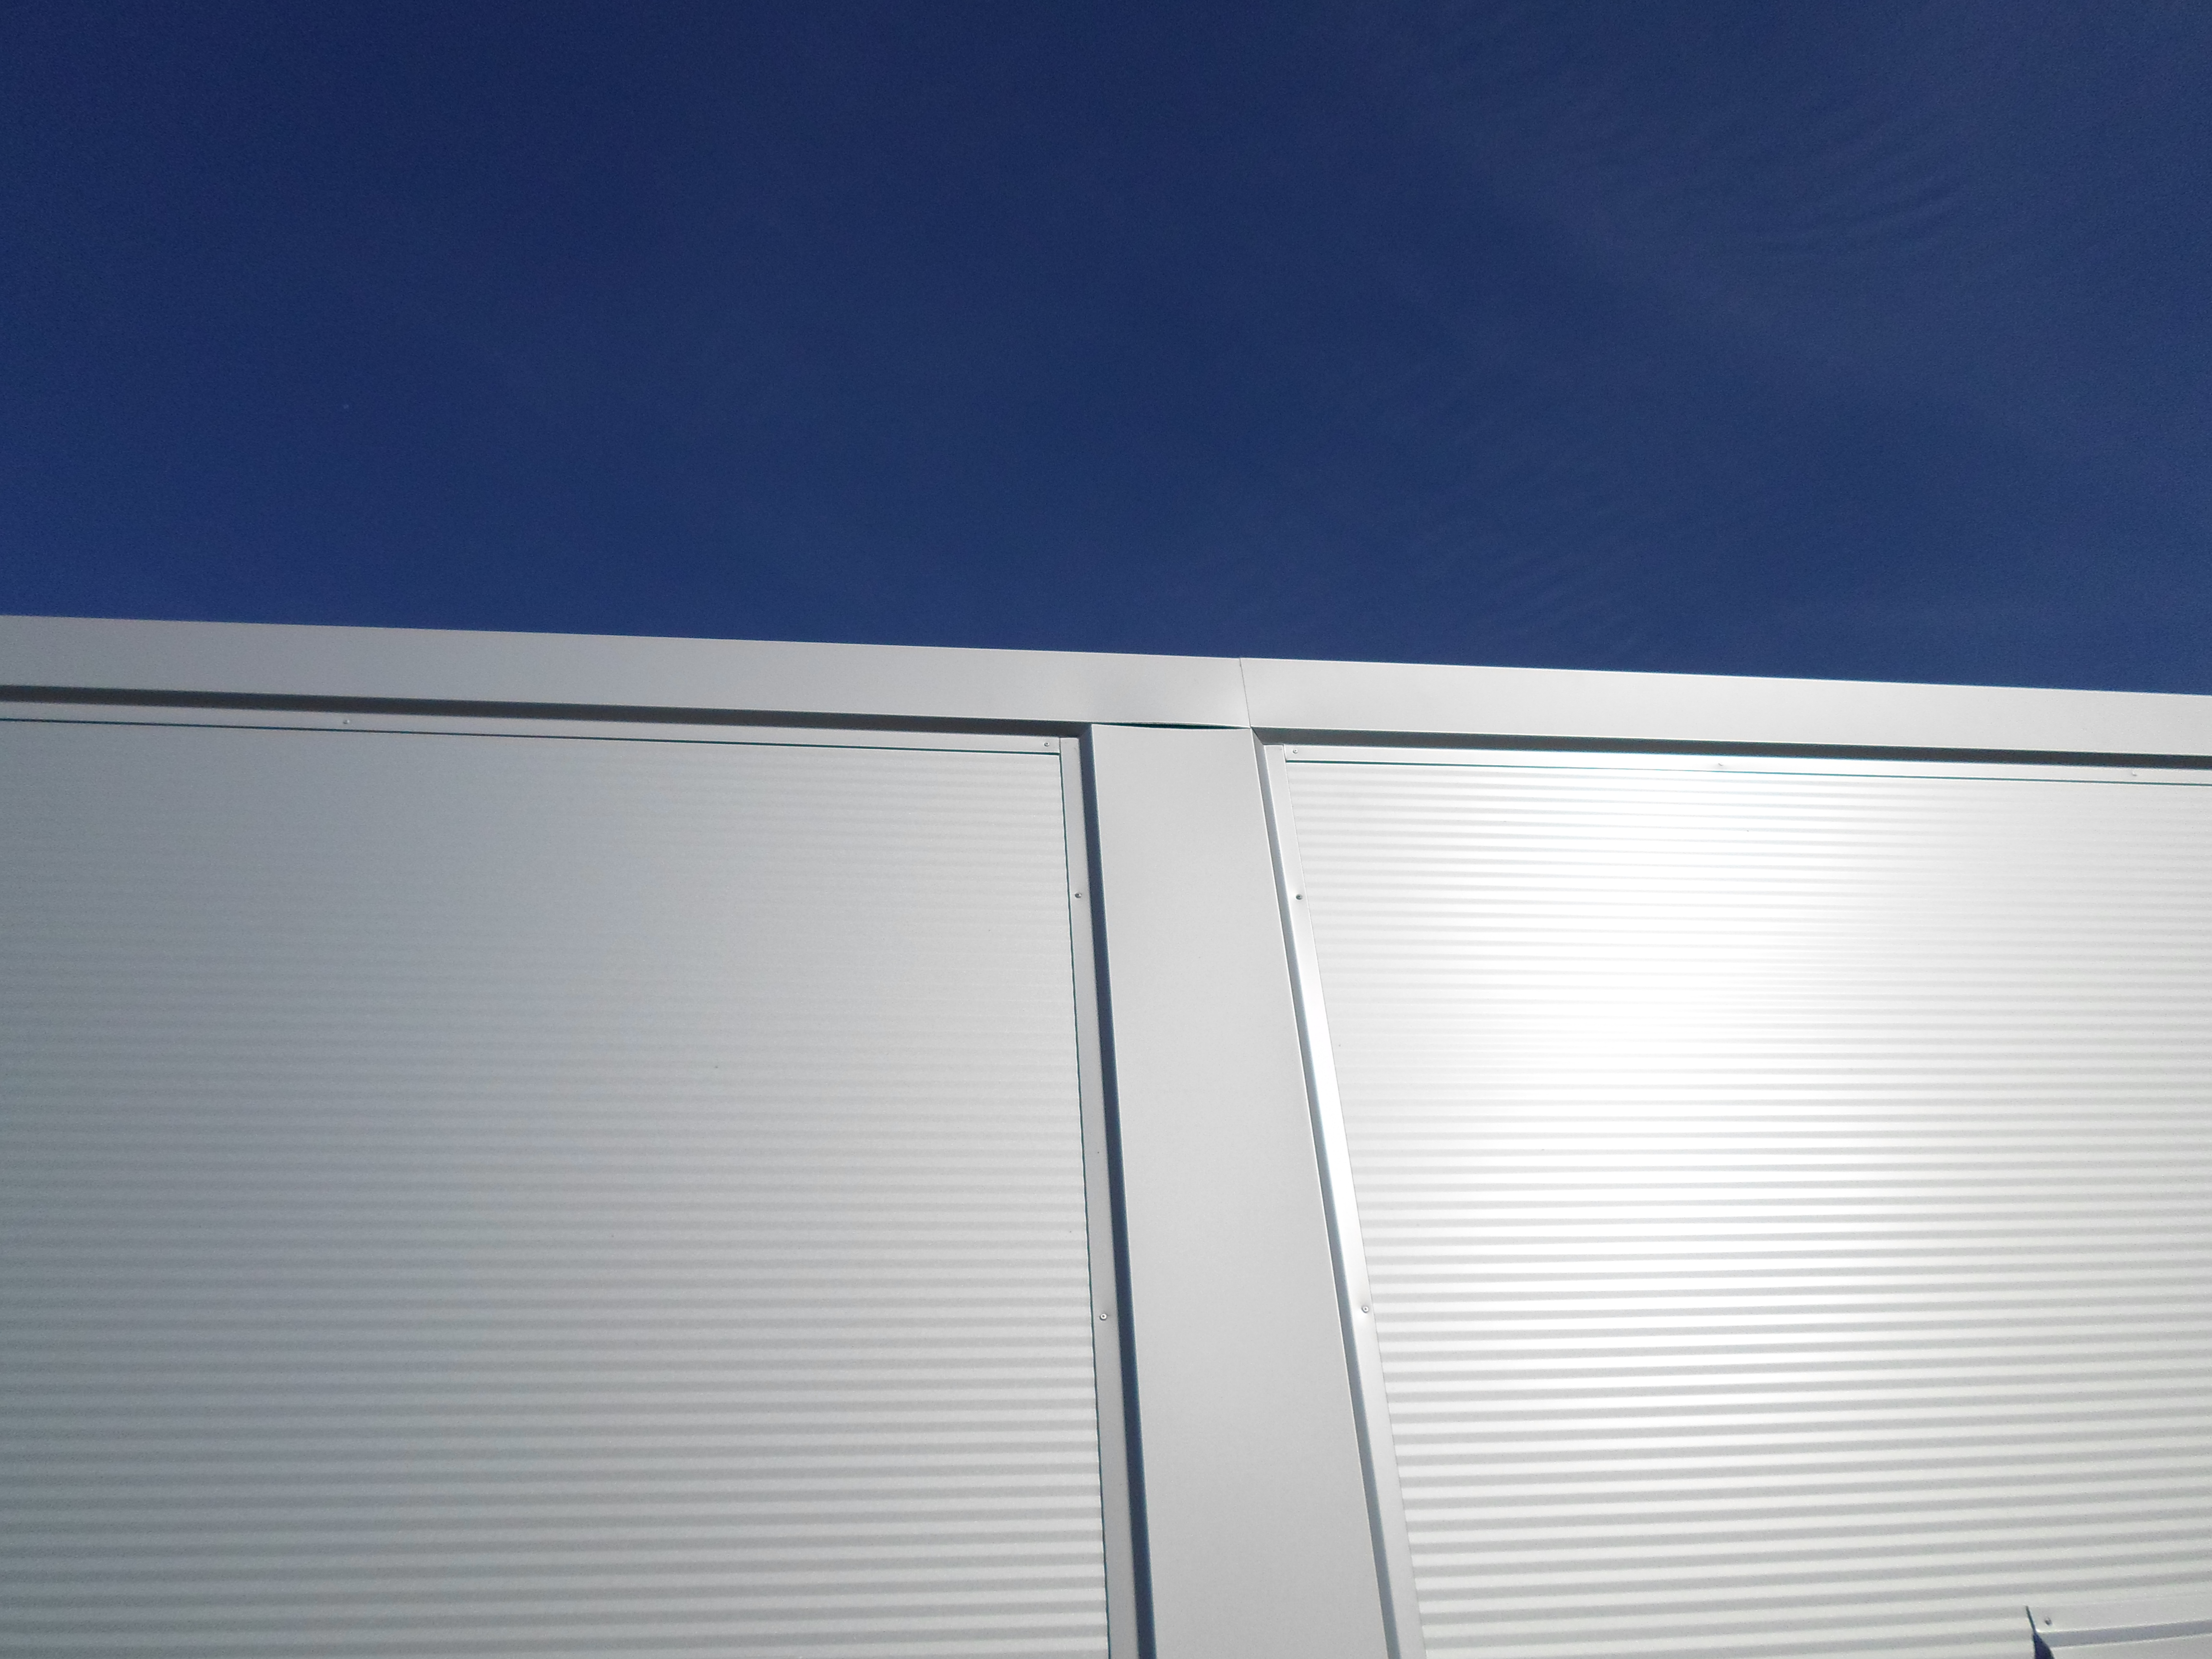 Izolované opláštění stěny - typ 7